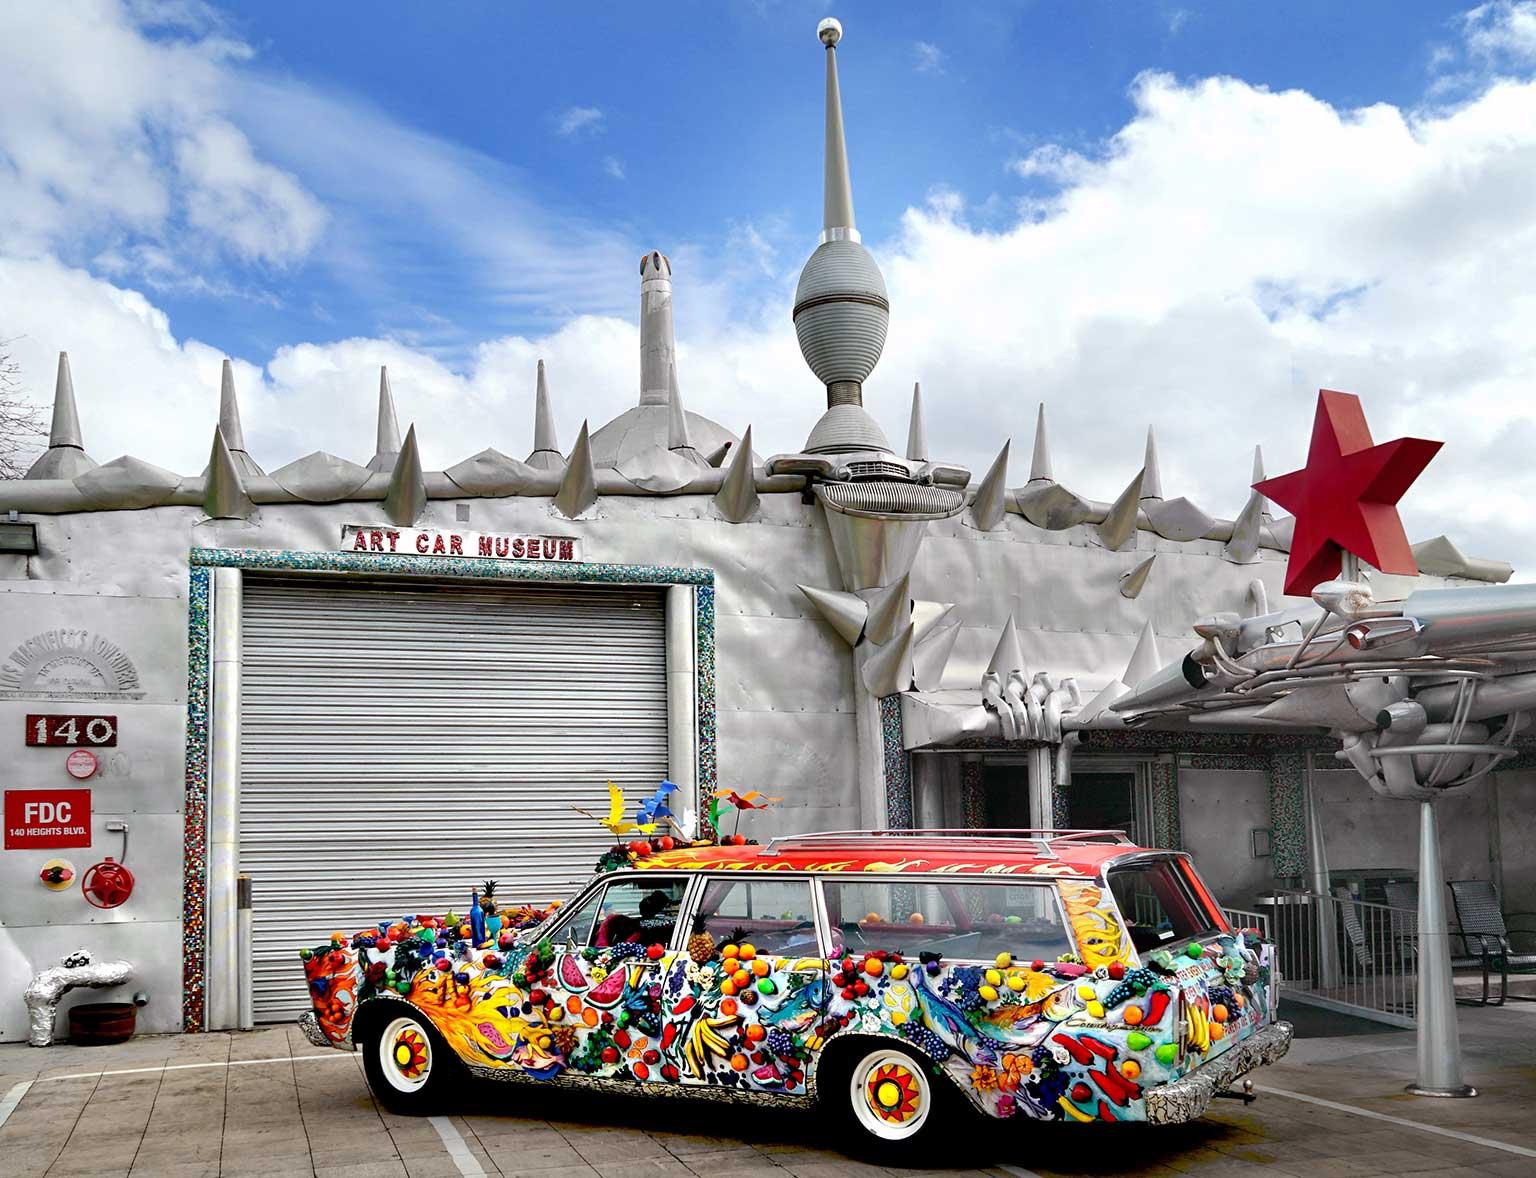 Art-Car-Museum-Frontal